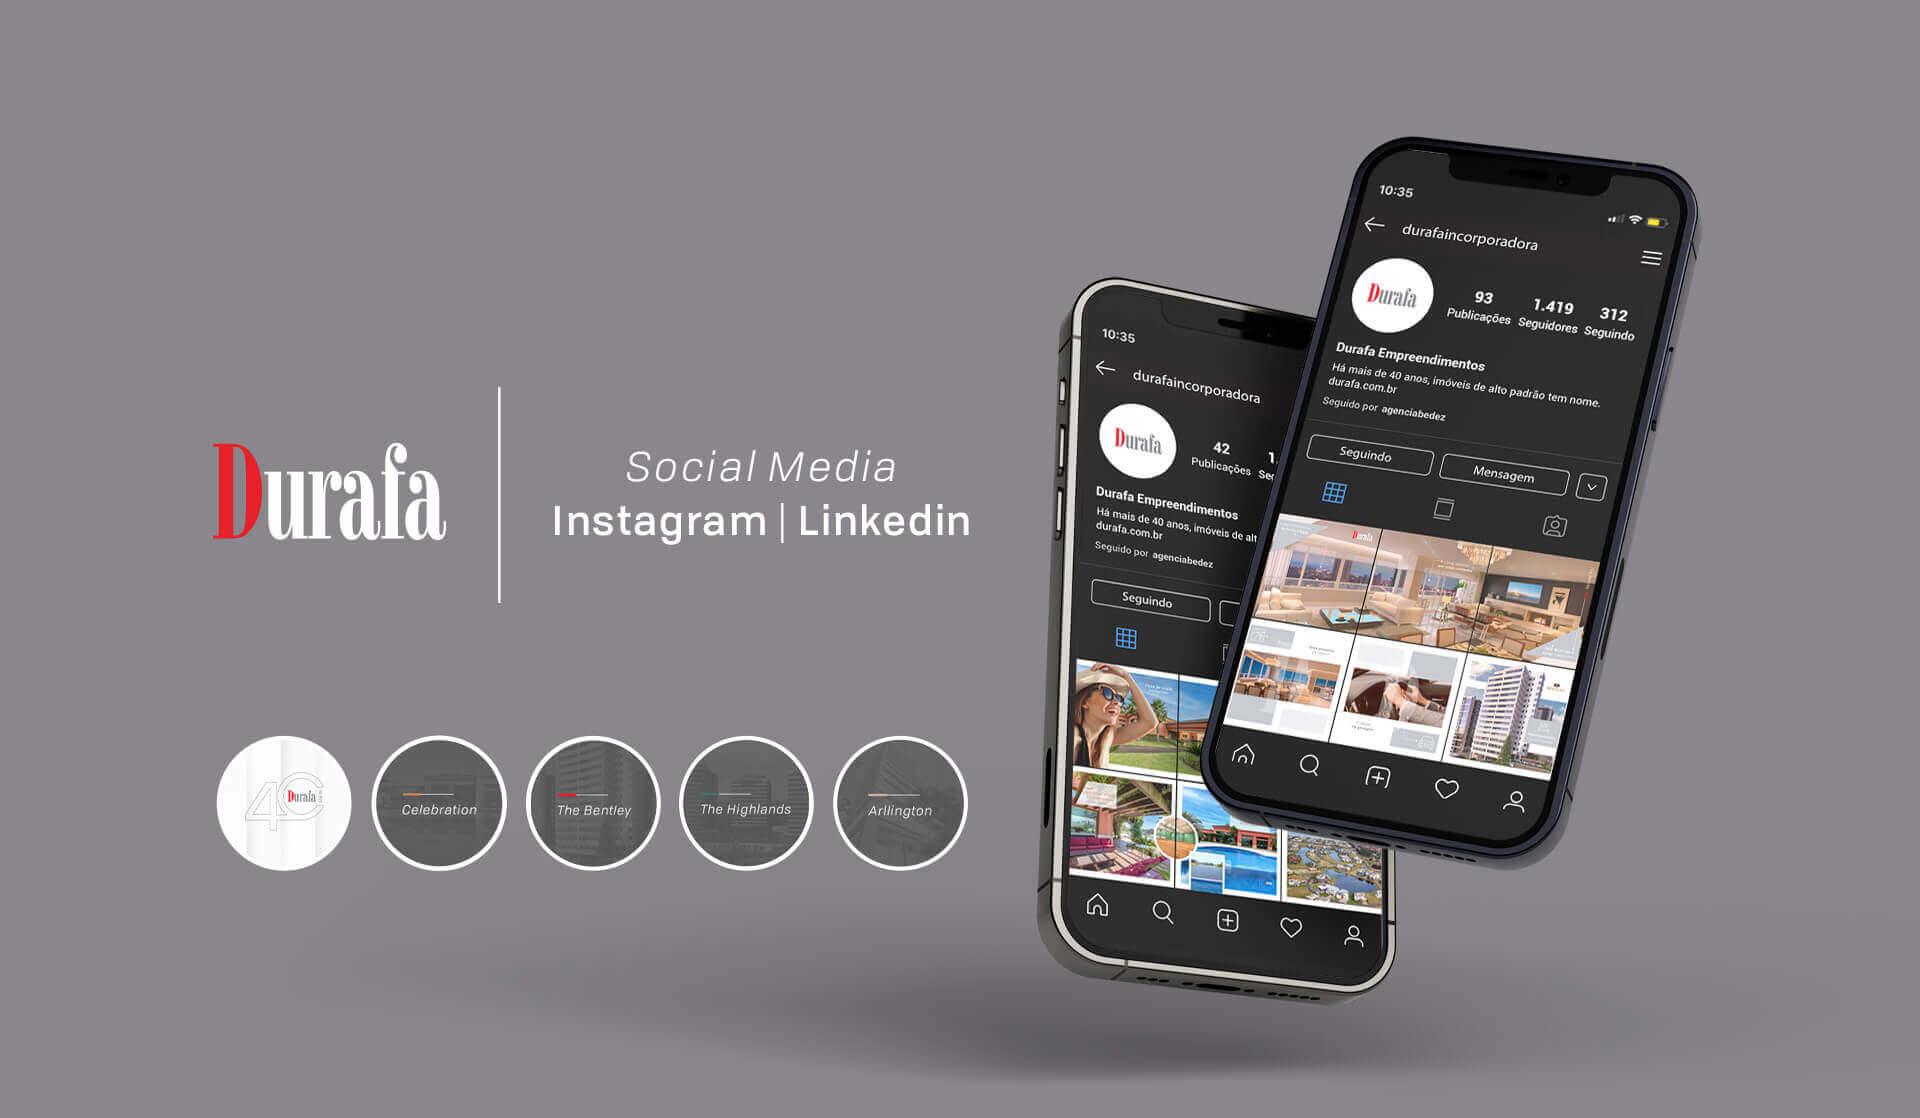 gestão de redes sociais durafa empreendimentos imobiliários porto alegre bedez comunicação